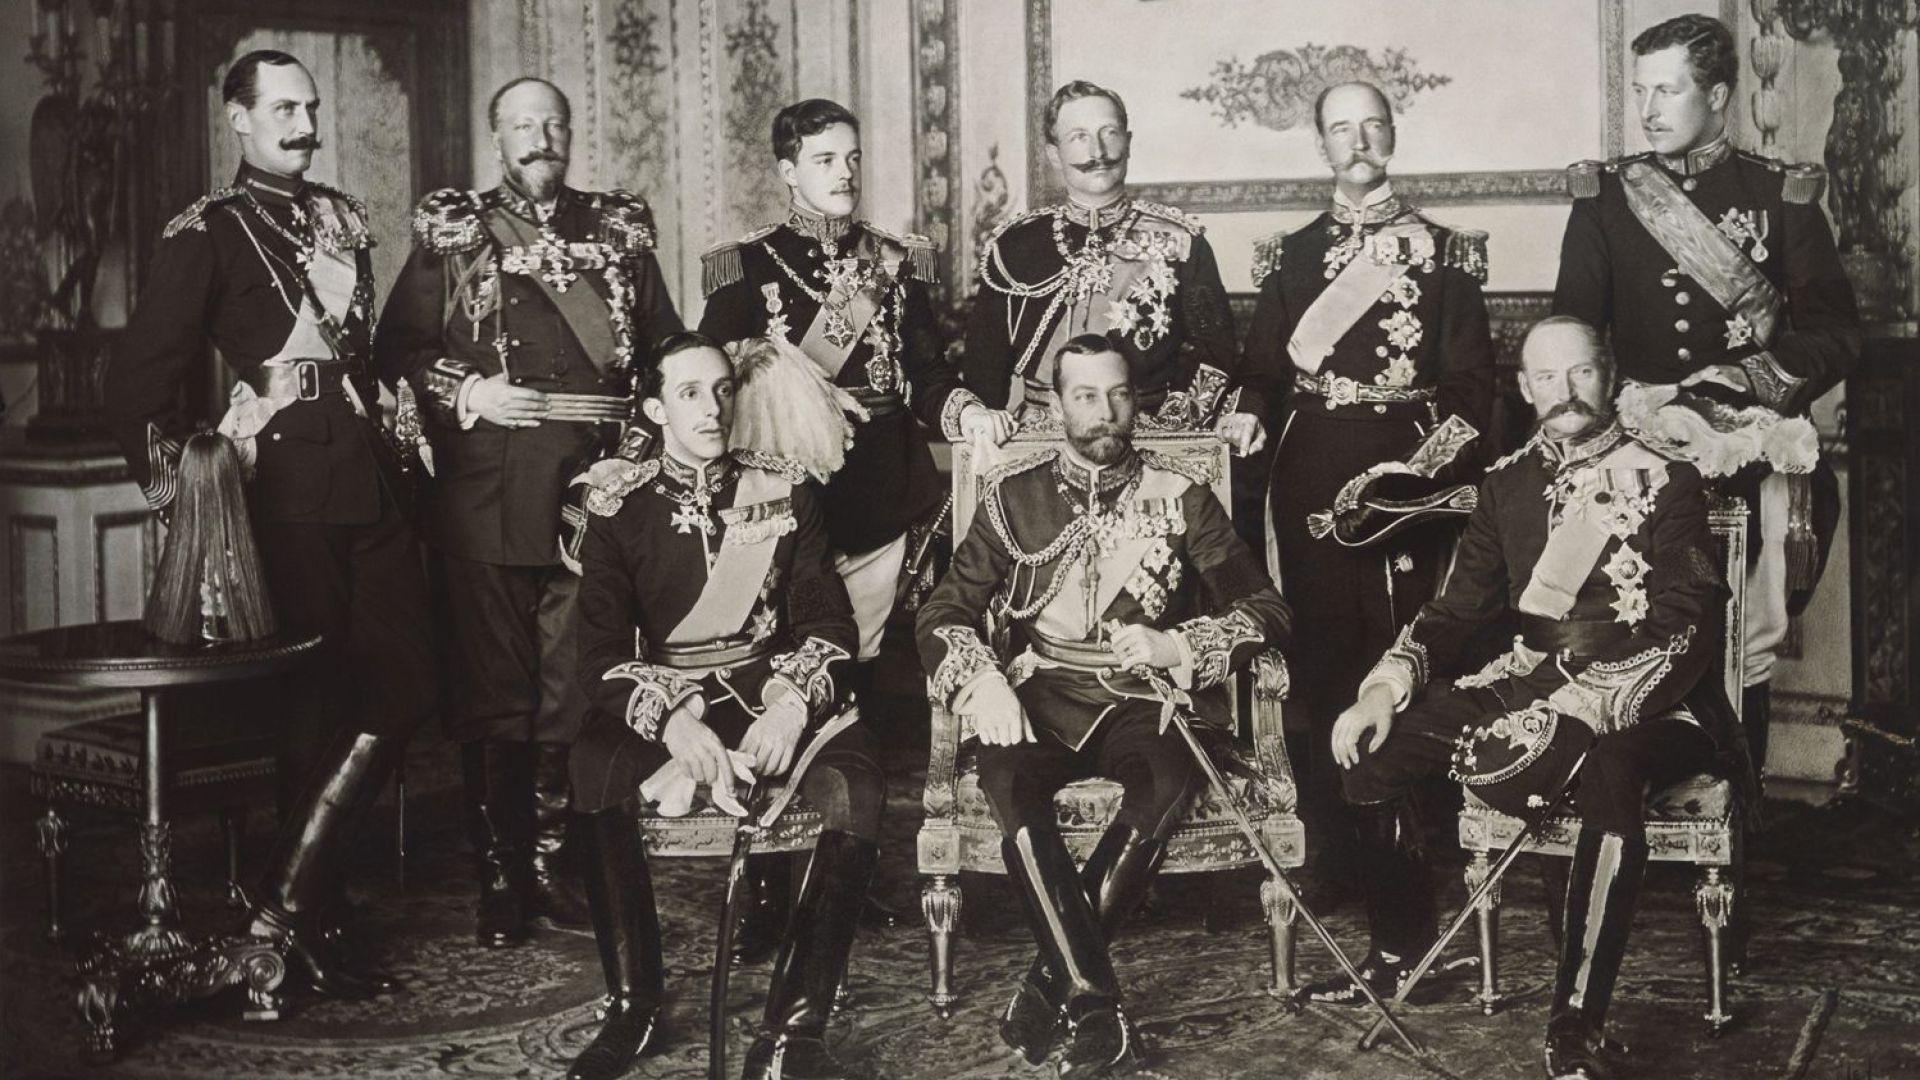 9-имата суверени на погребението на Едуард VII - Хаакон VII Норвежки, цар Фердинанд I, Мануел II, кайзер Вилхелм II на Германската Империя, Джордж I Гръцки, Албер I - Белгия, Алфонсо XIII от Испания, крал-император Джордж V и Фредерик VIII Датски